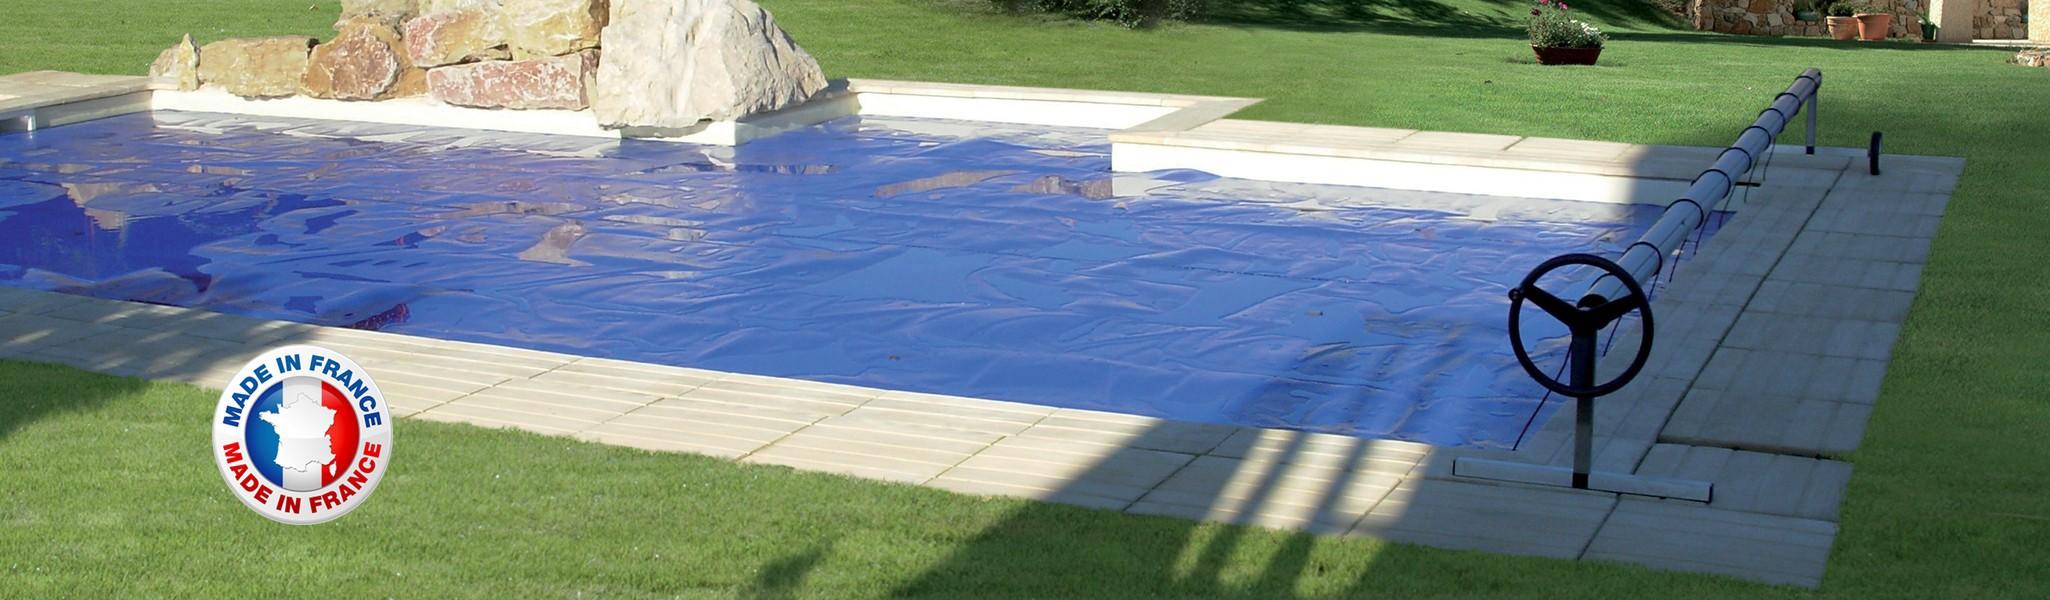 Quelle piscine choisir : mes conseils pour faire le meilleur choix